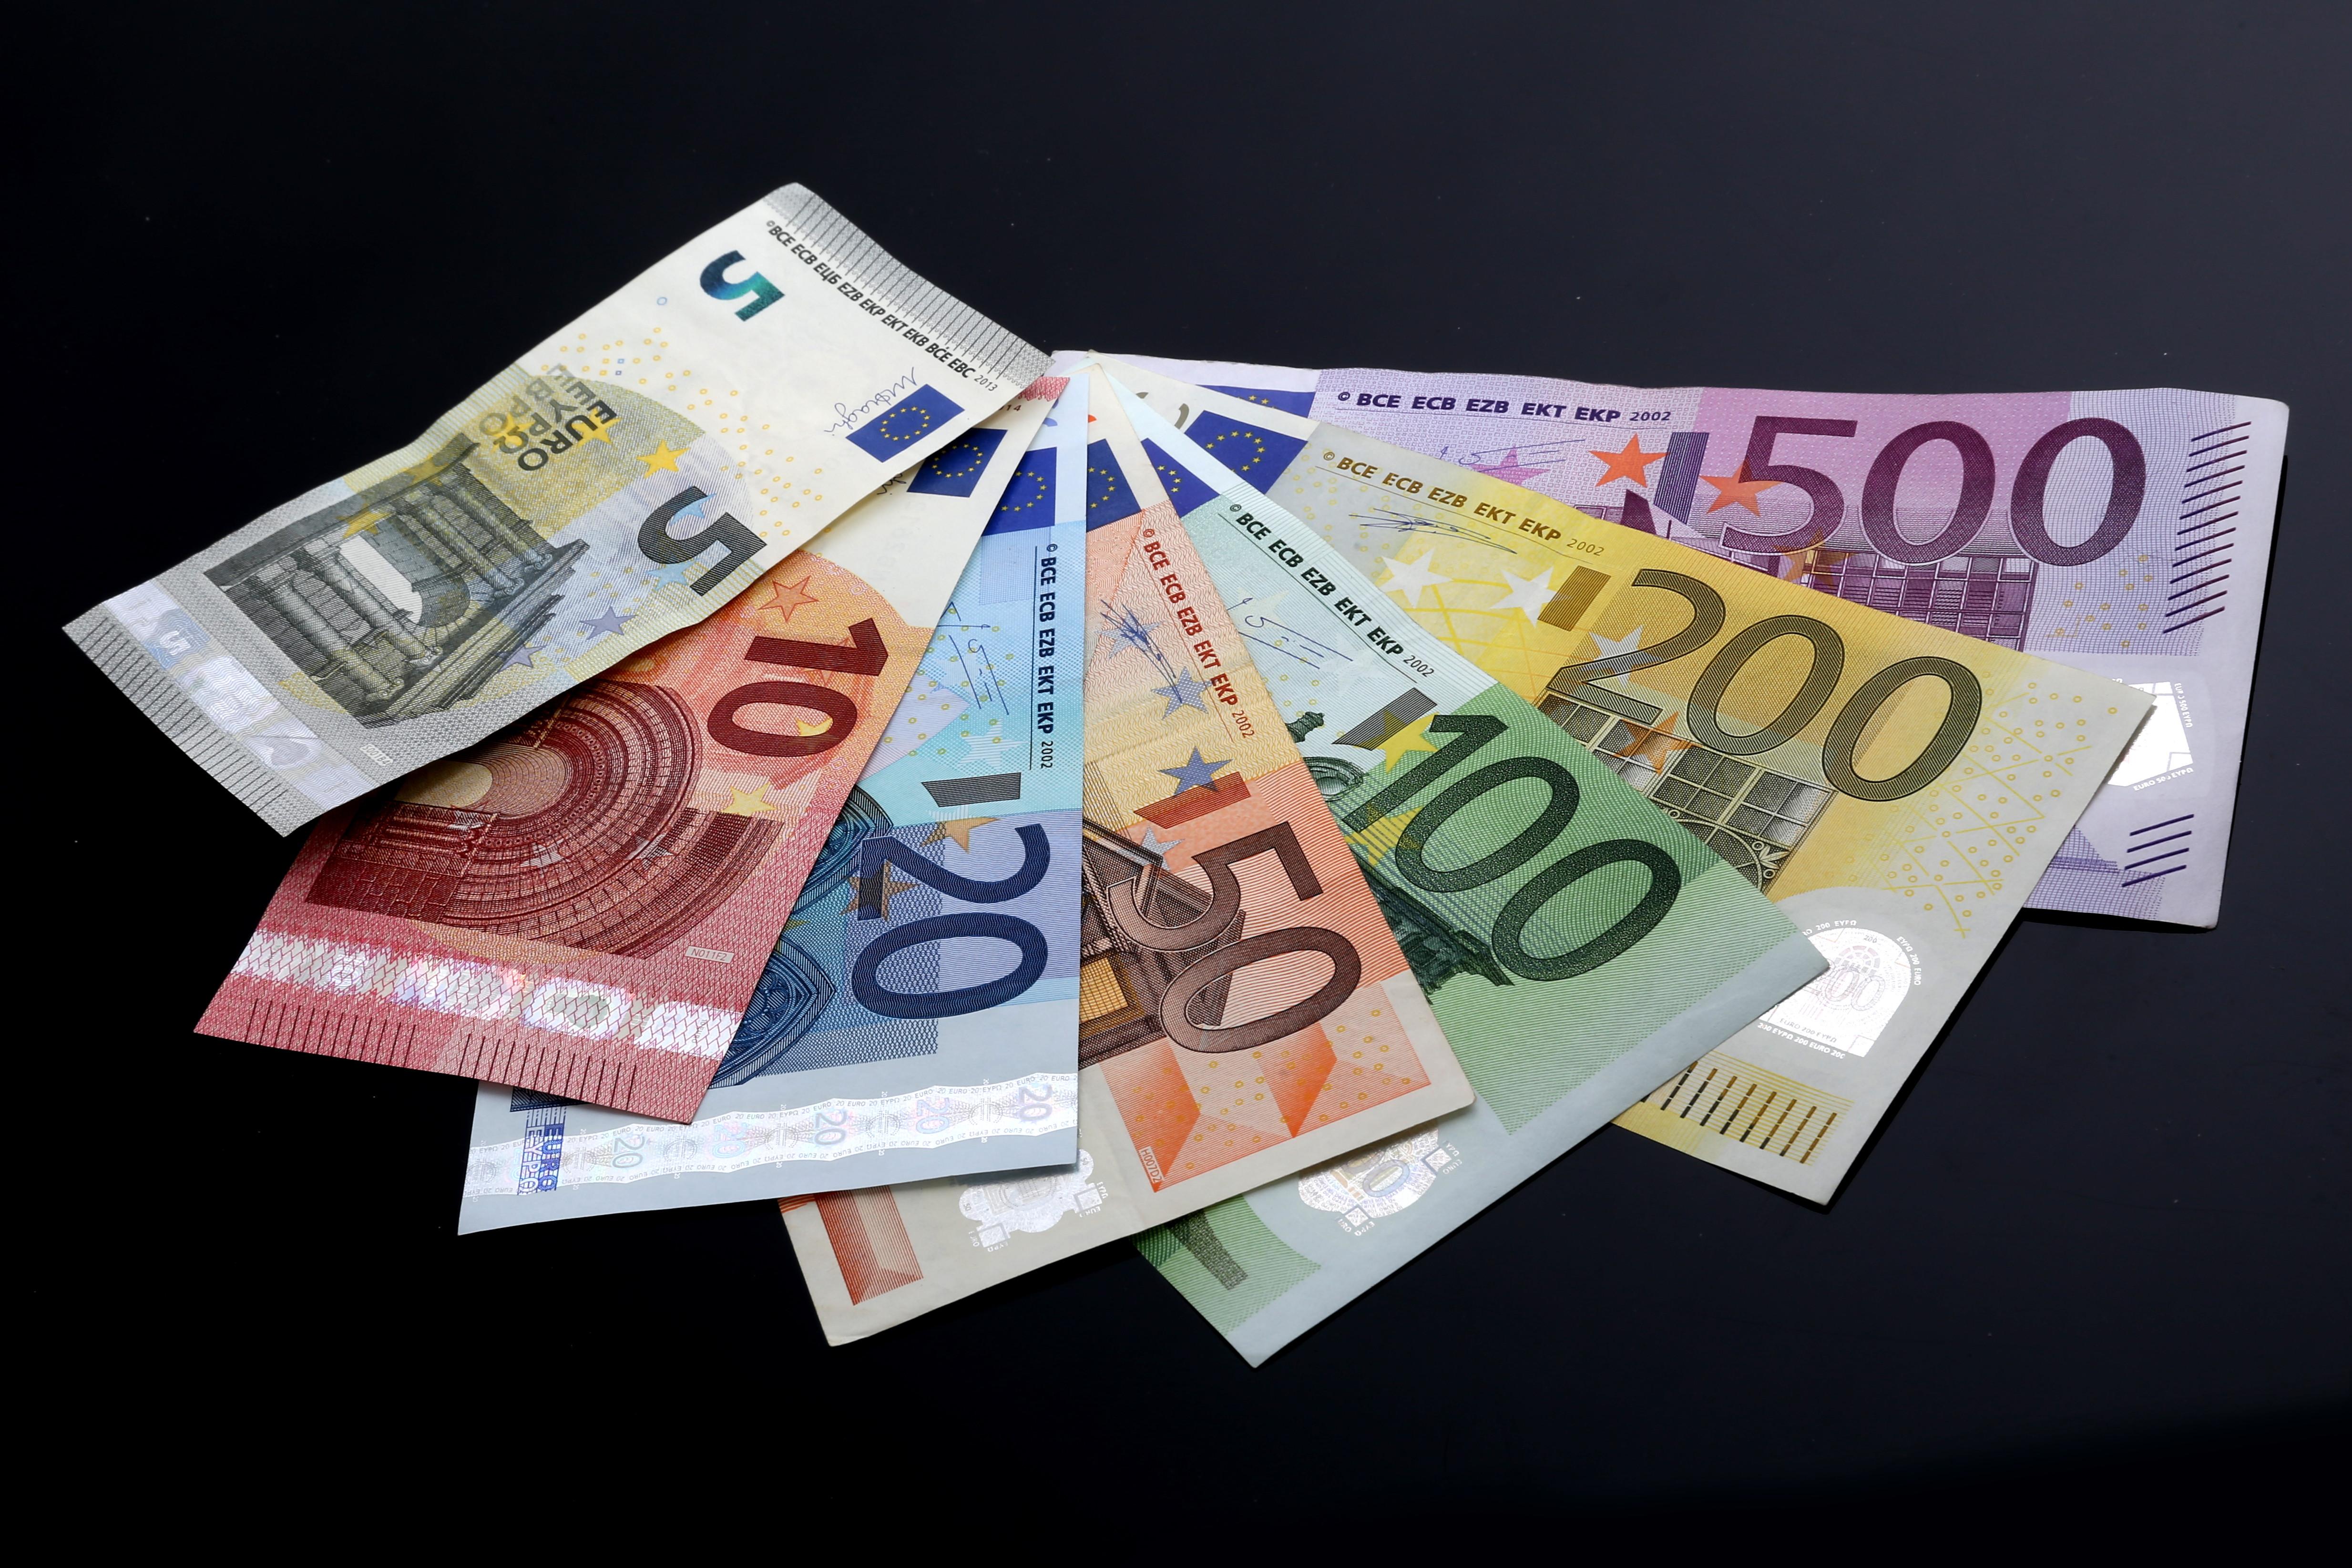 geld - Tim Reckmann